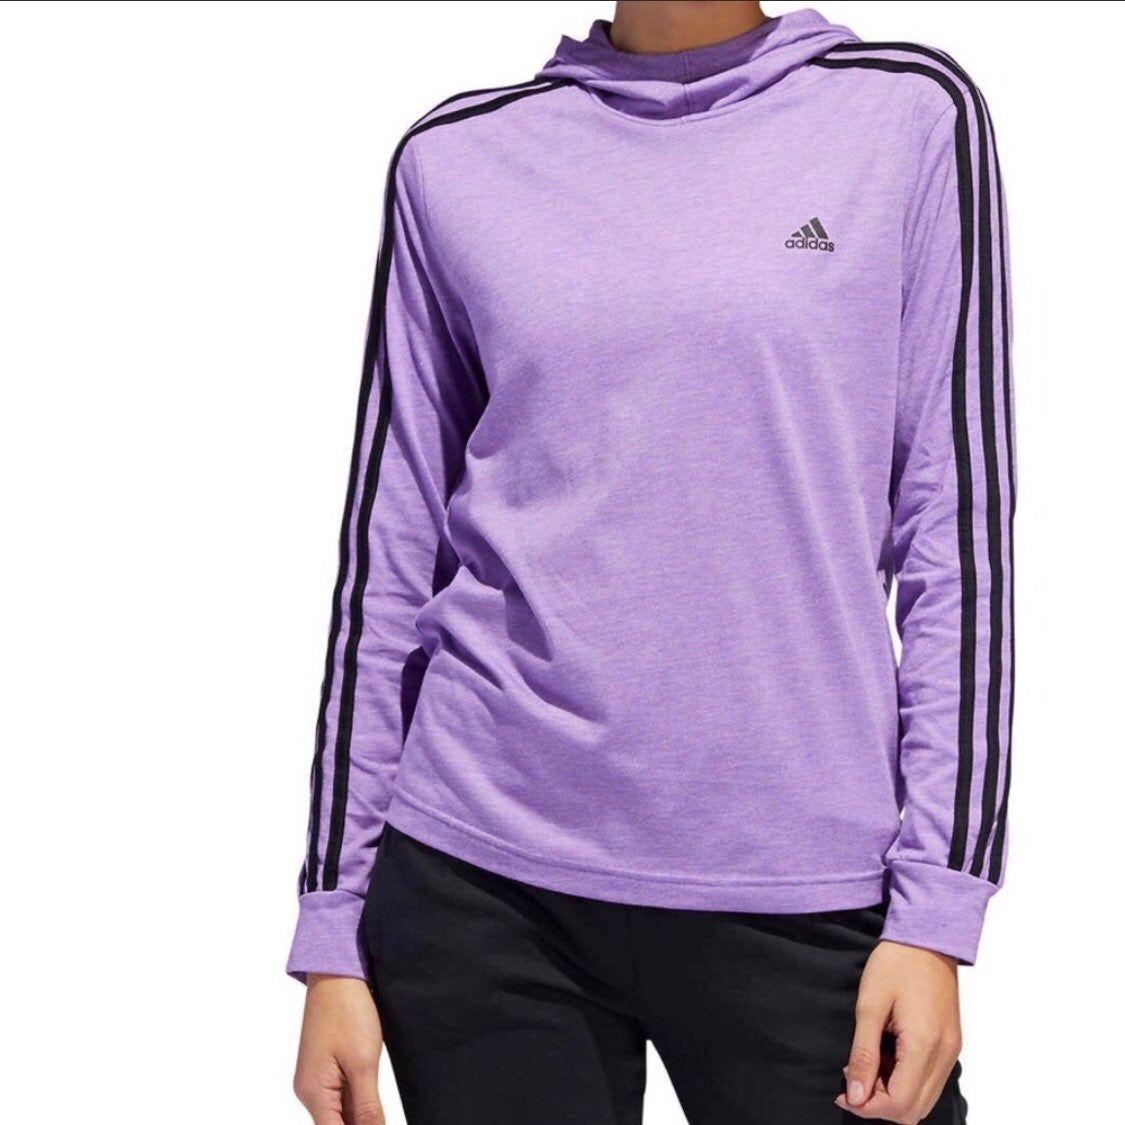 Adidas Women S Hoodie Lavender Purple Lg On Mercari Adidas Hoodie Women Adidas Hoodie Hoodies Womens [ 1125 x 1125 Pixel ]